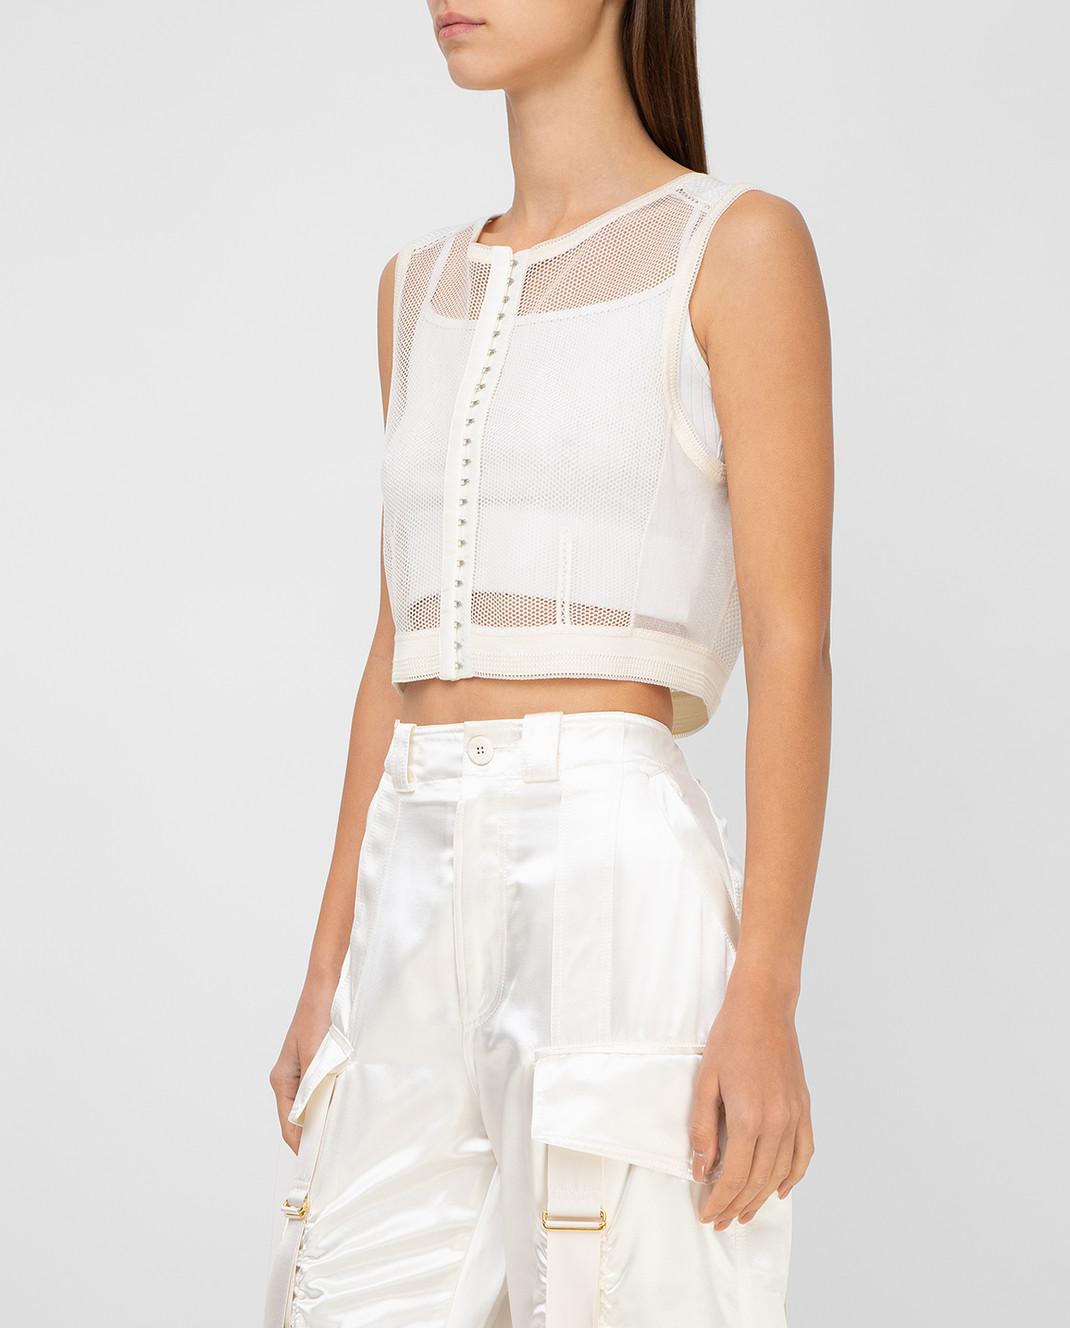 Balenciaga Белый топ 426823 изображение 3